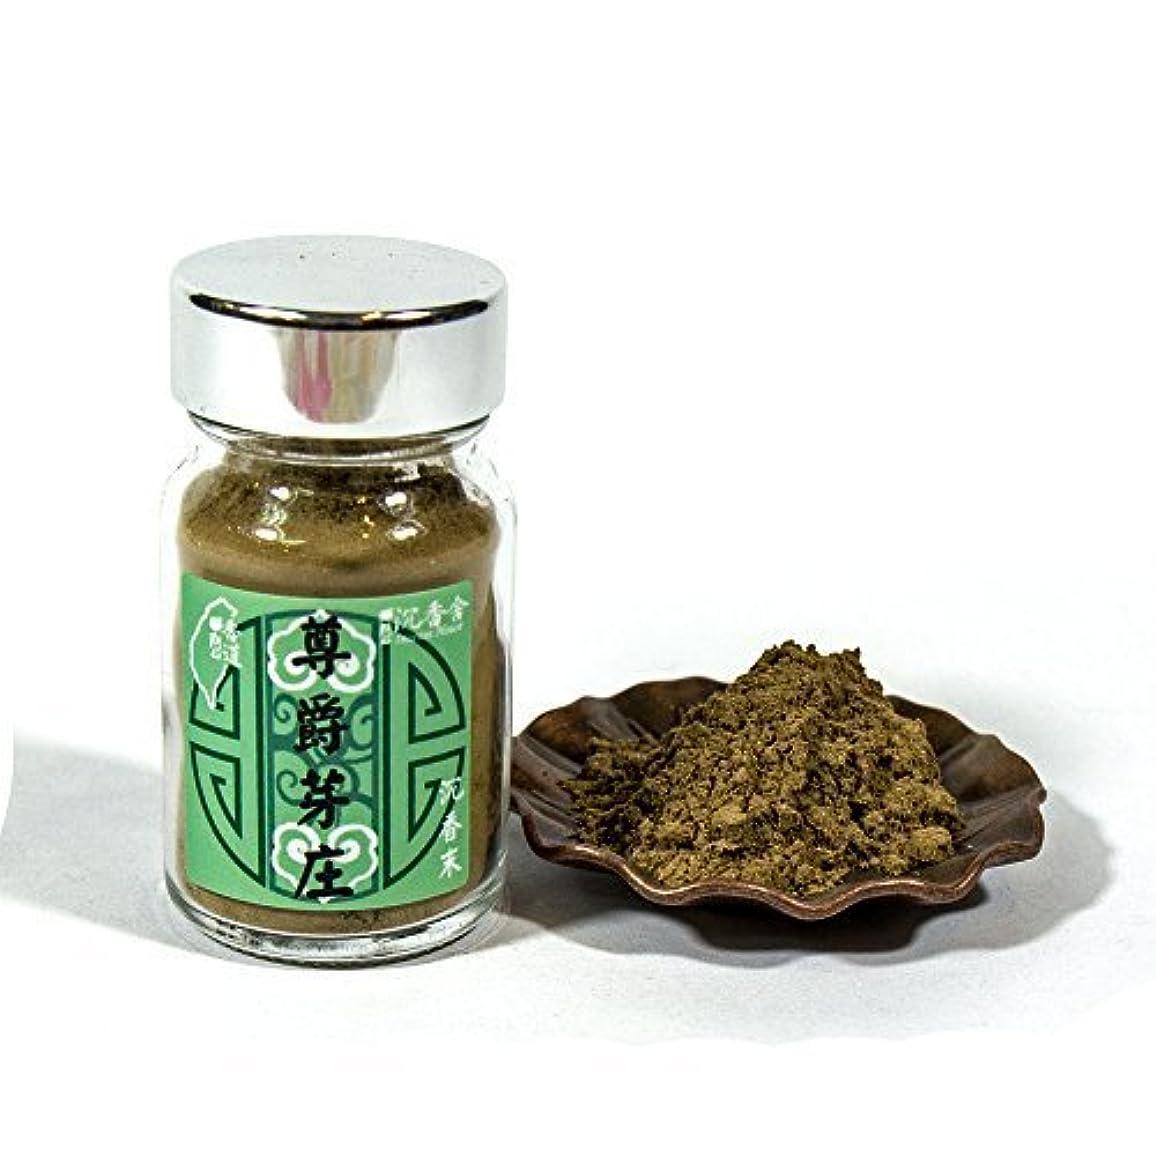 引き受ける裂け目ティームAgarwood Aloeswood Top Grade Old Stock NhaTrang Chen Xiang Incense Powder 10g by IncenseHouse - Raw Material [...